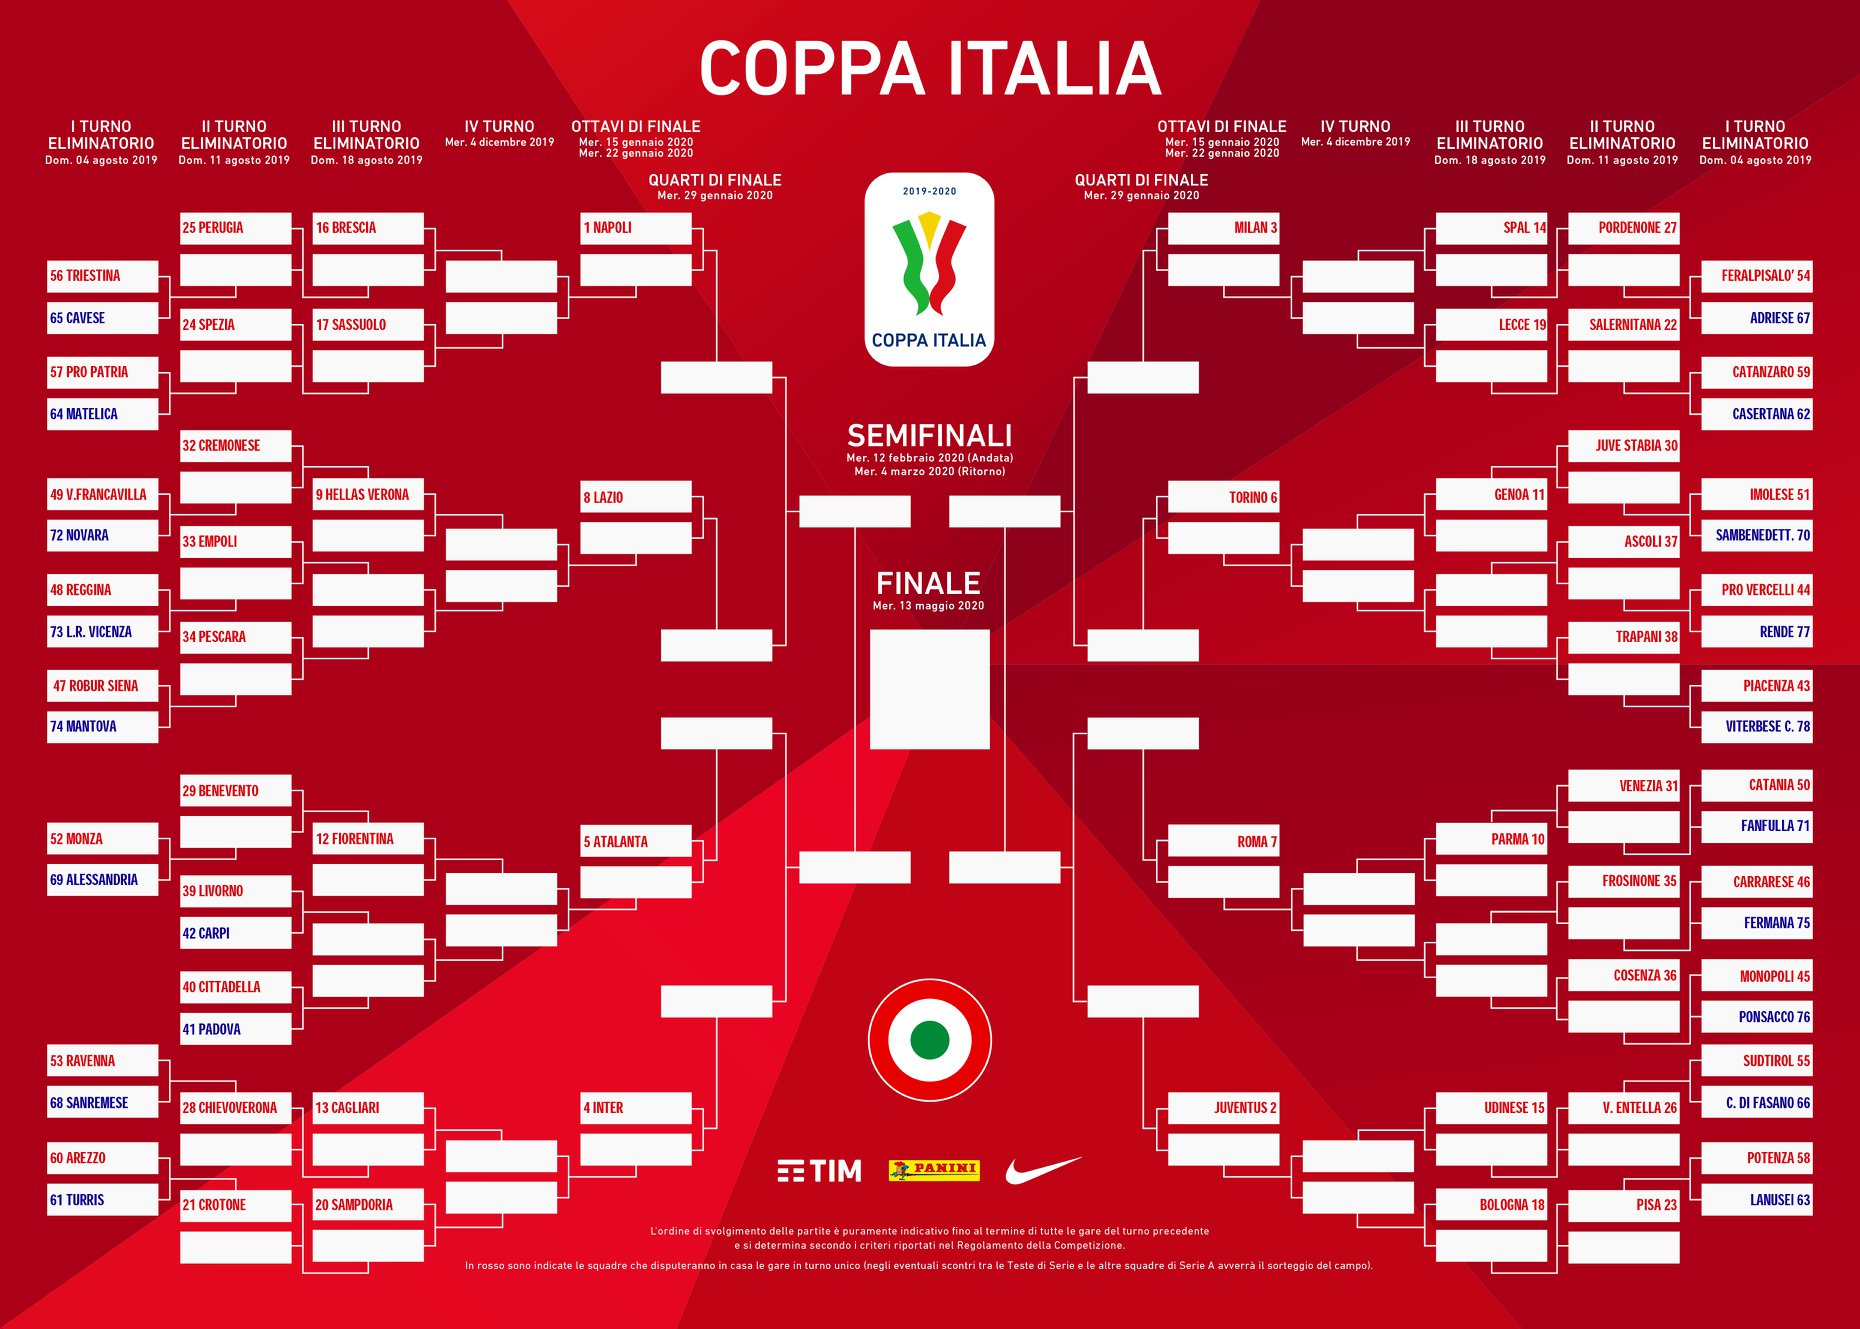 Coppa Italia 2020 Calendario.Coppa Italia 2019 20 Il Tabellone Completo Foto